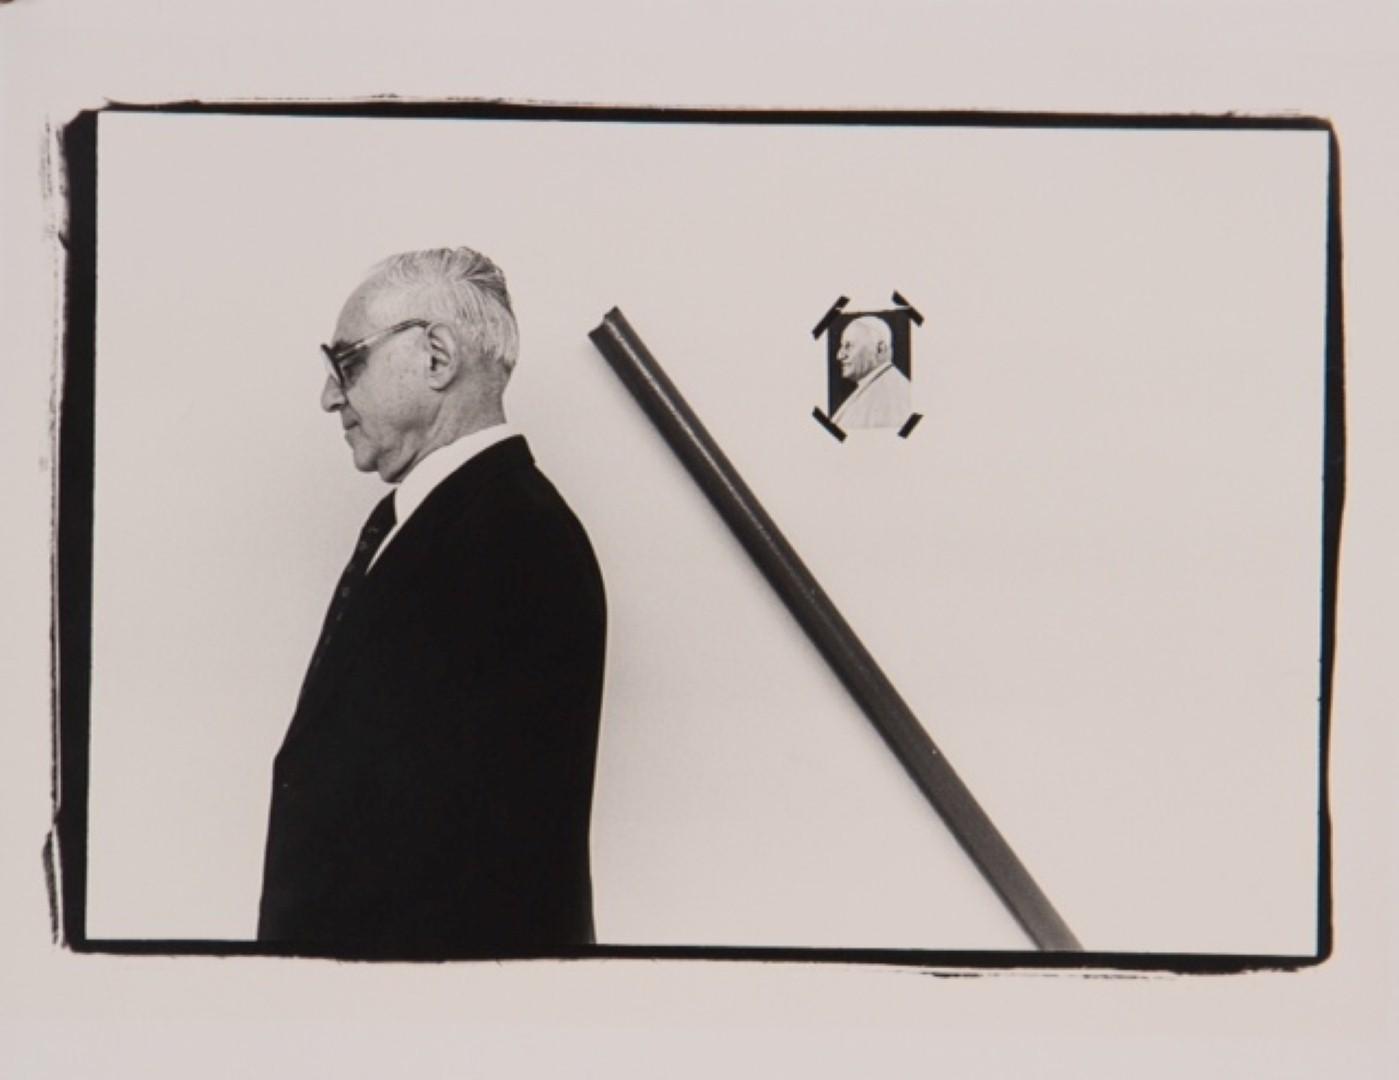 מאיר וילנר. צילום: מיכה קירשנר (מתוך אוסף מוזיאון תל אביב לאמנות)